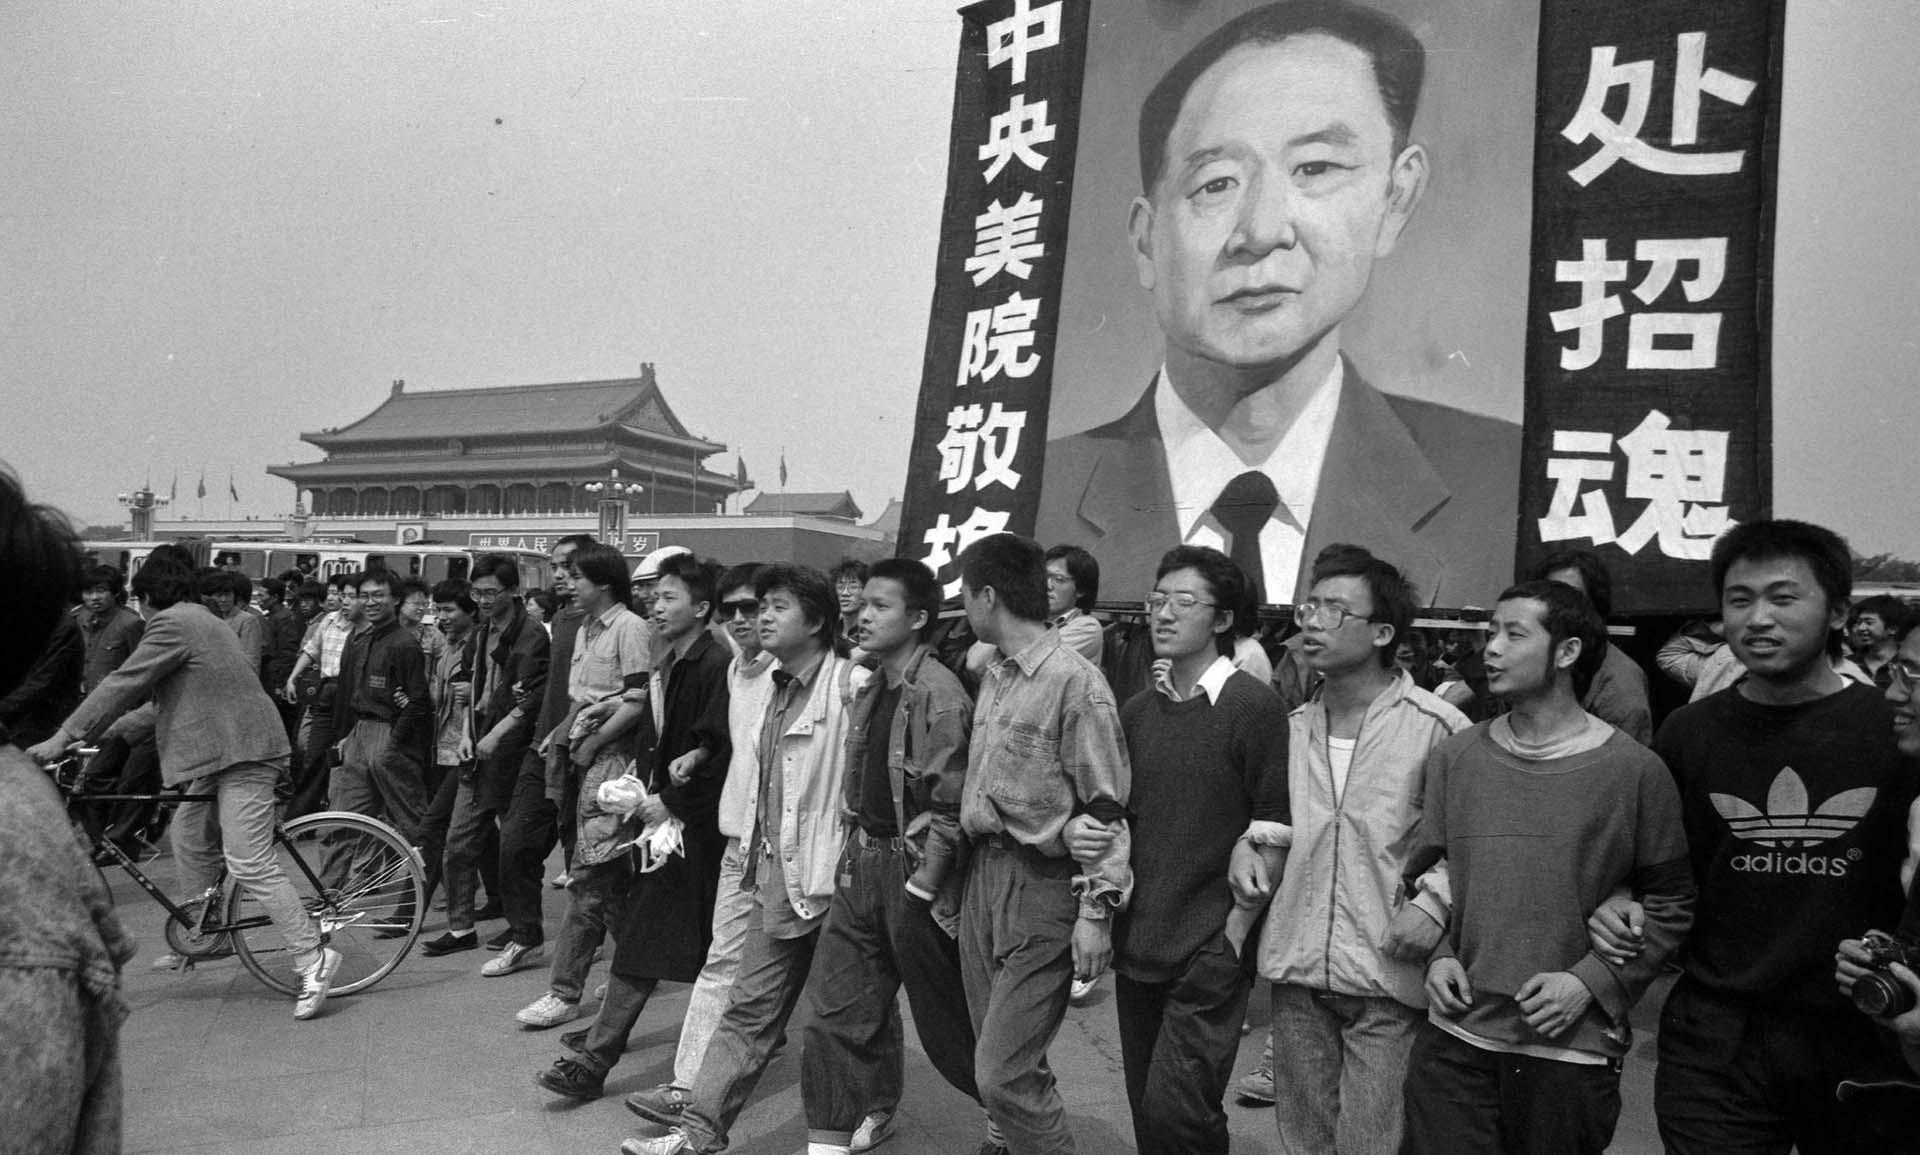 Jóvenes estudiantes reclamando una democratización del régimen chino (Jian Liu)